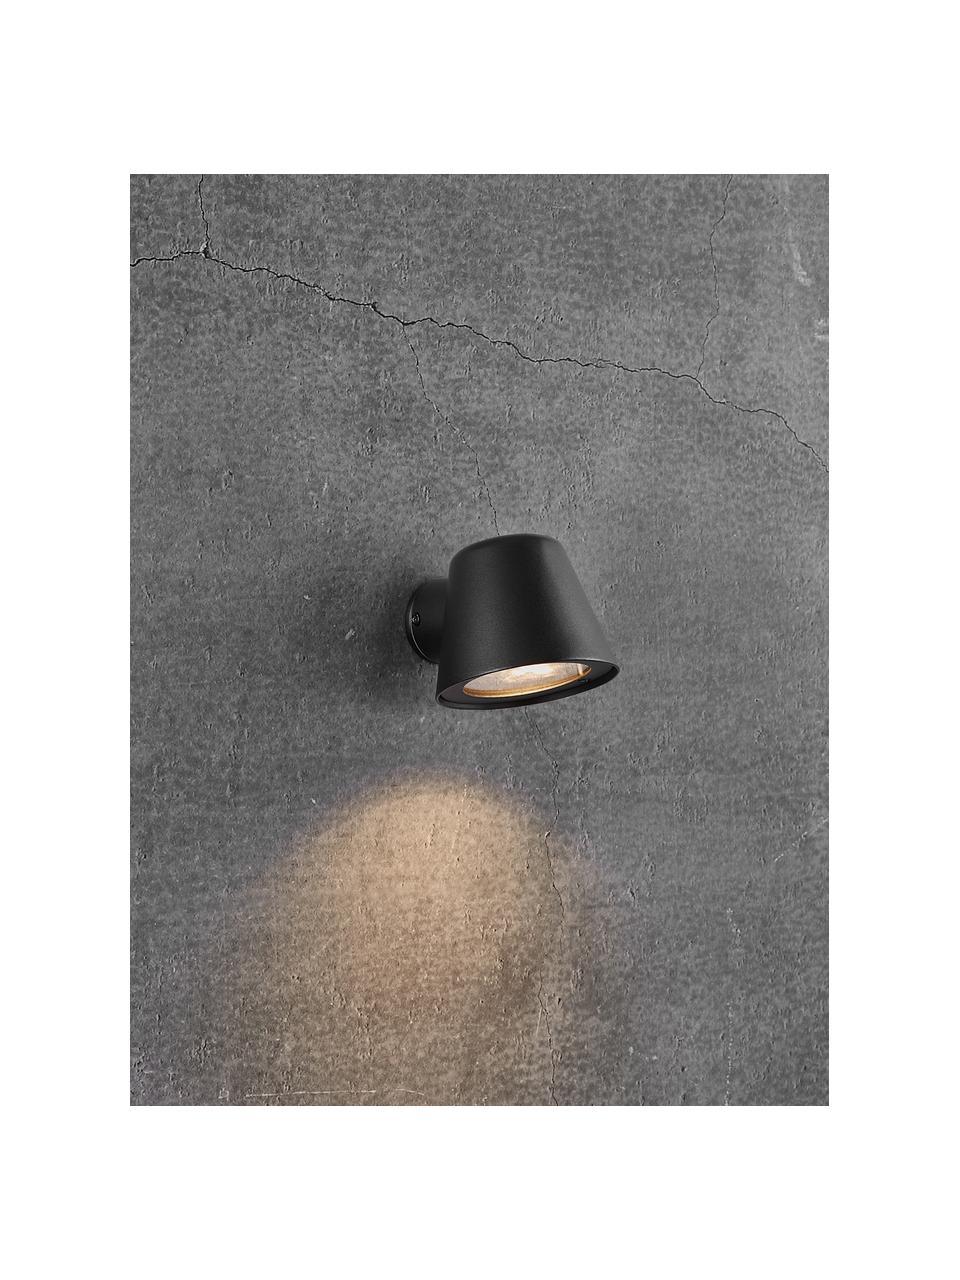 Kinkiet zewnętrzny Aleria, Czarny, S 12 x W 11 cm